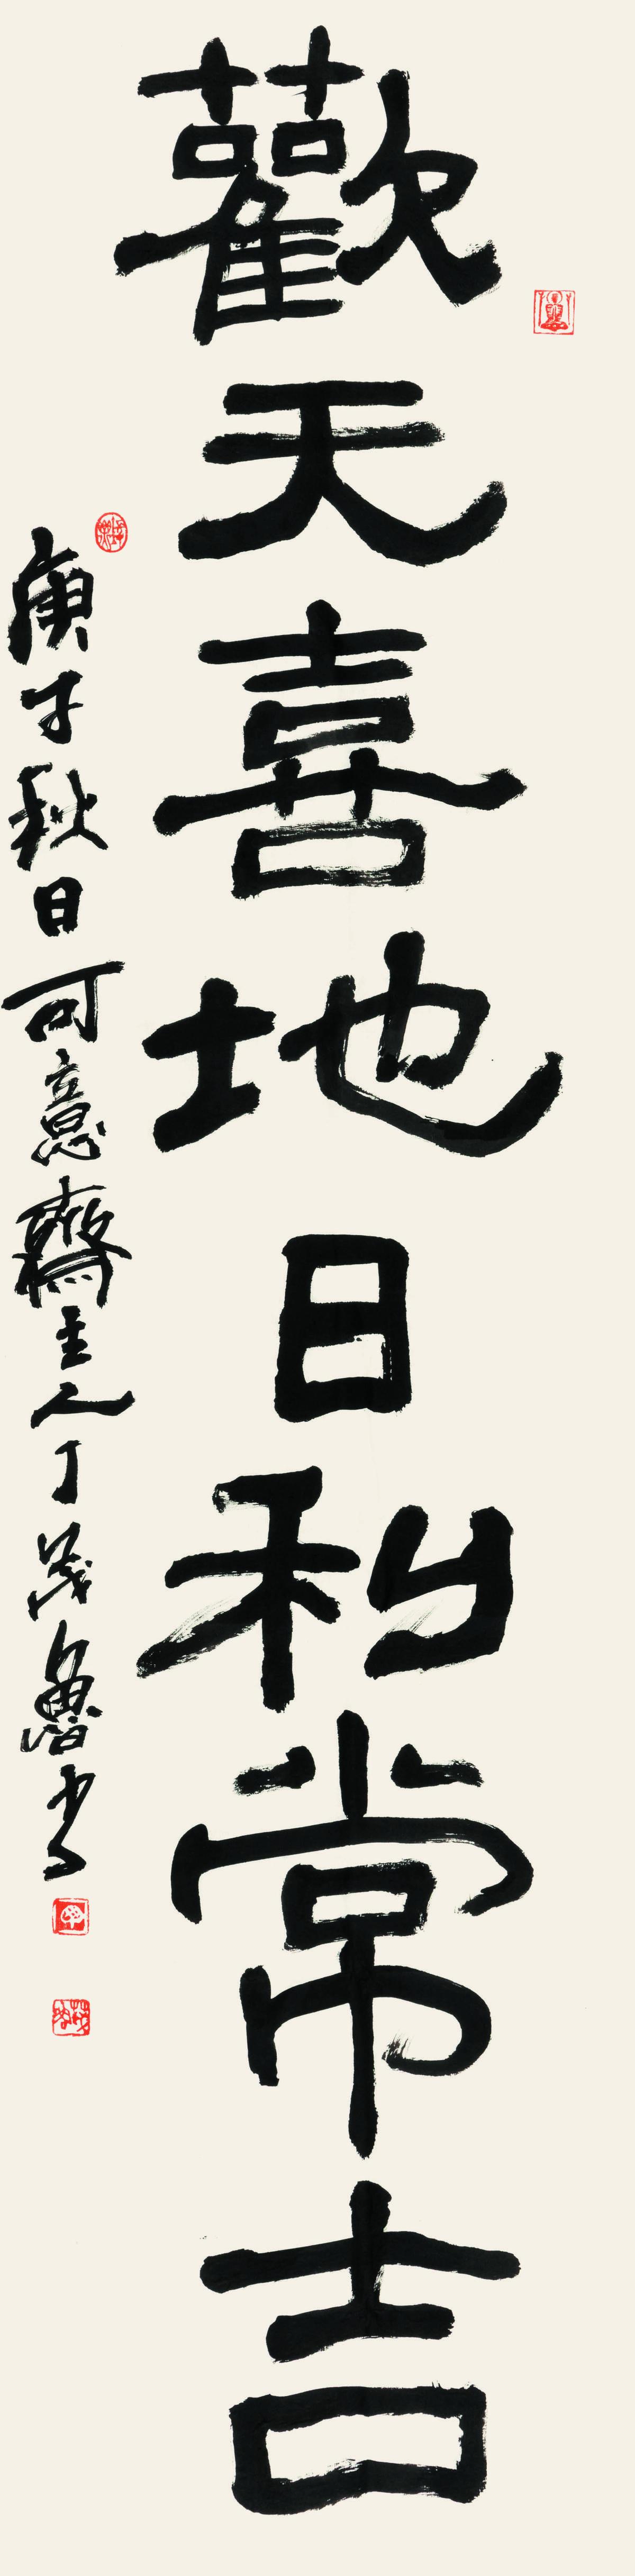 《【摩登登陆注册】东方的微笑——西泠印社当代名家走进雪窦山系列活动启幕》